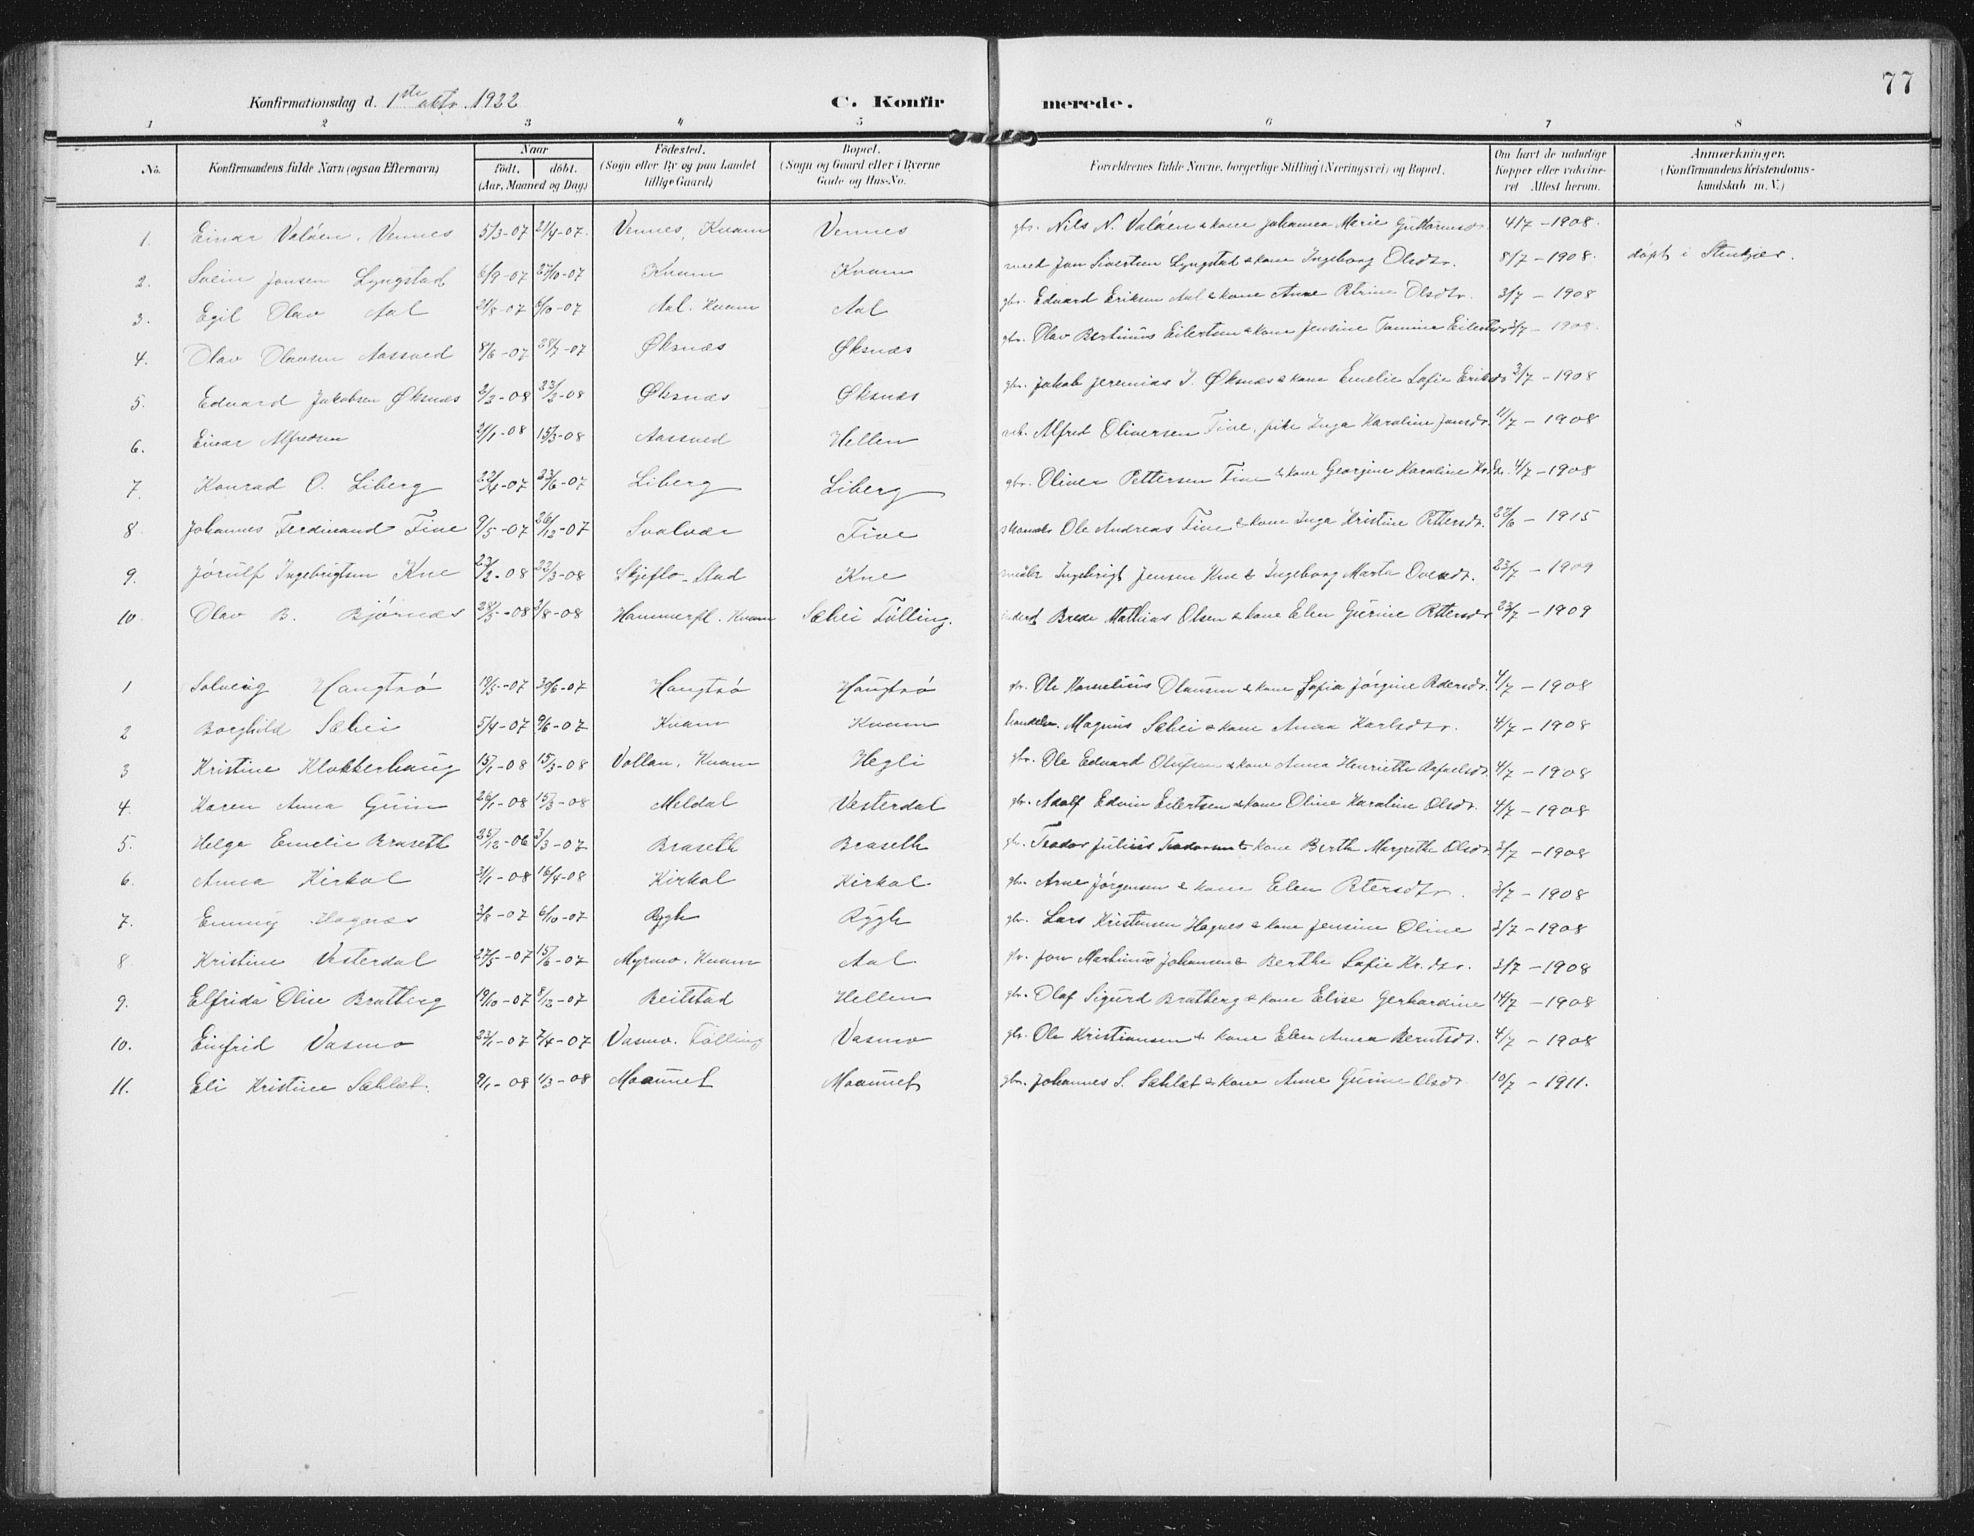 SAT, Ministerialprotokoller, klokkerbøker og fødselsregistre - Nord-Trøndelag, 747/L0460: Klokkerbok nr. 747C02, 1908-1939, s. 77